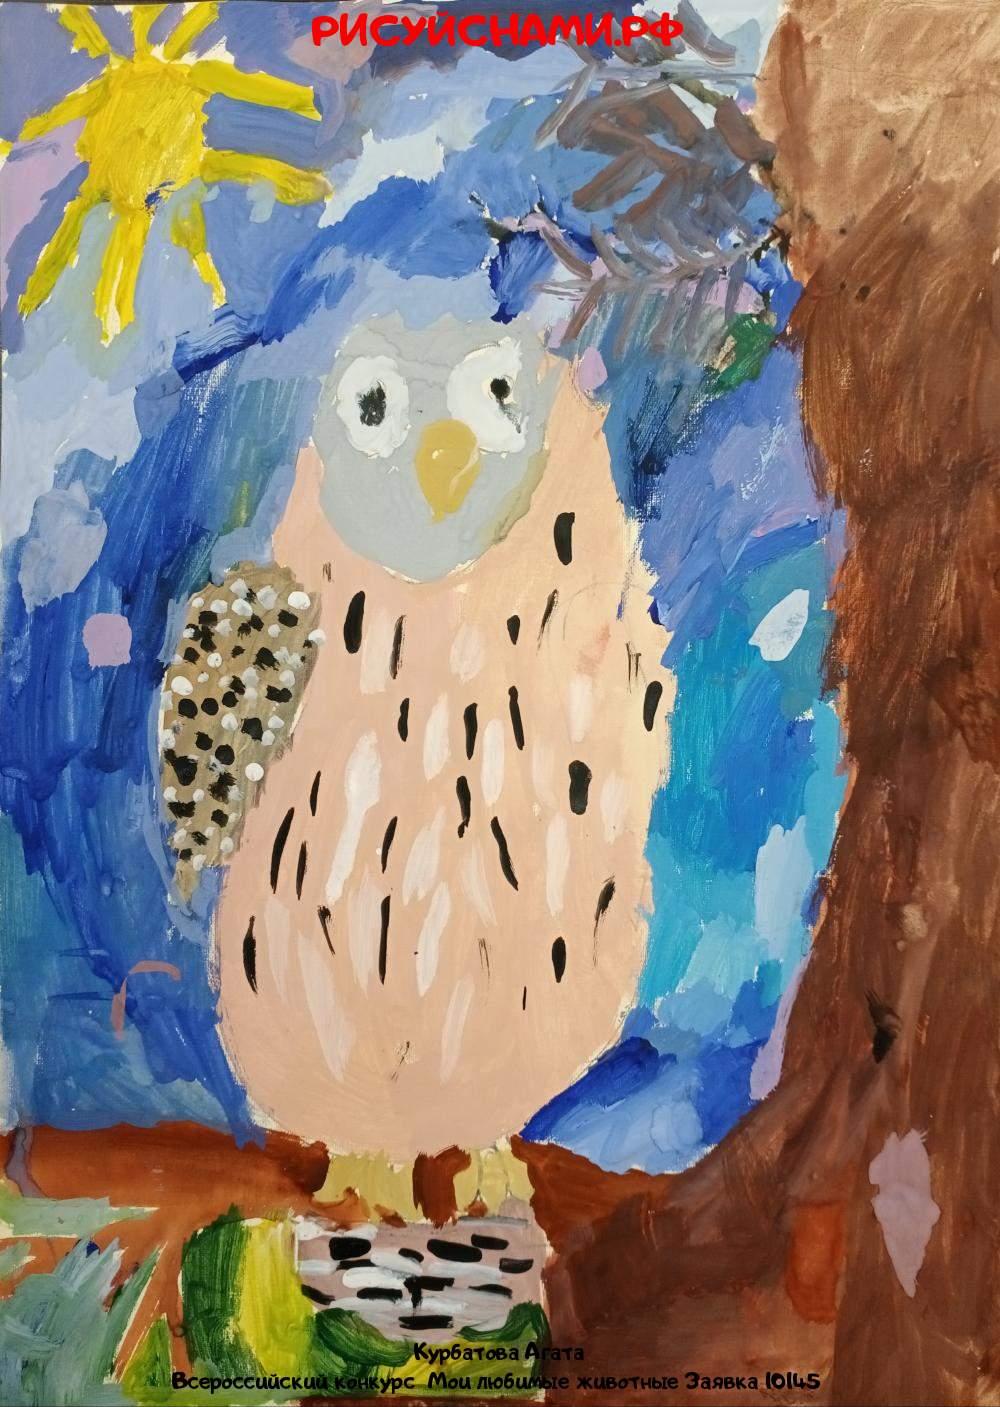 Всероссийский конкурс  Мои любимые животные Заявка 10145  творческие конкурсы рисунков для школьников и дошкольников рисуй с нами #тмрисуйснами рисунок и поделка - Курбатова Агата